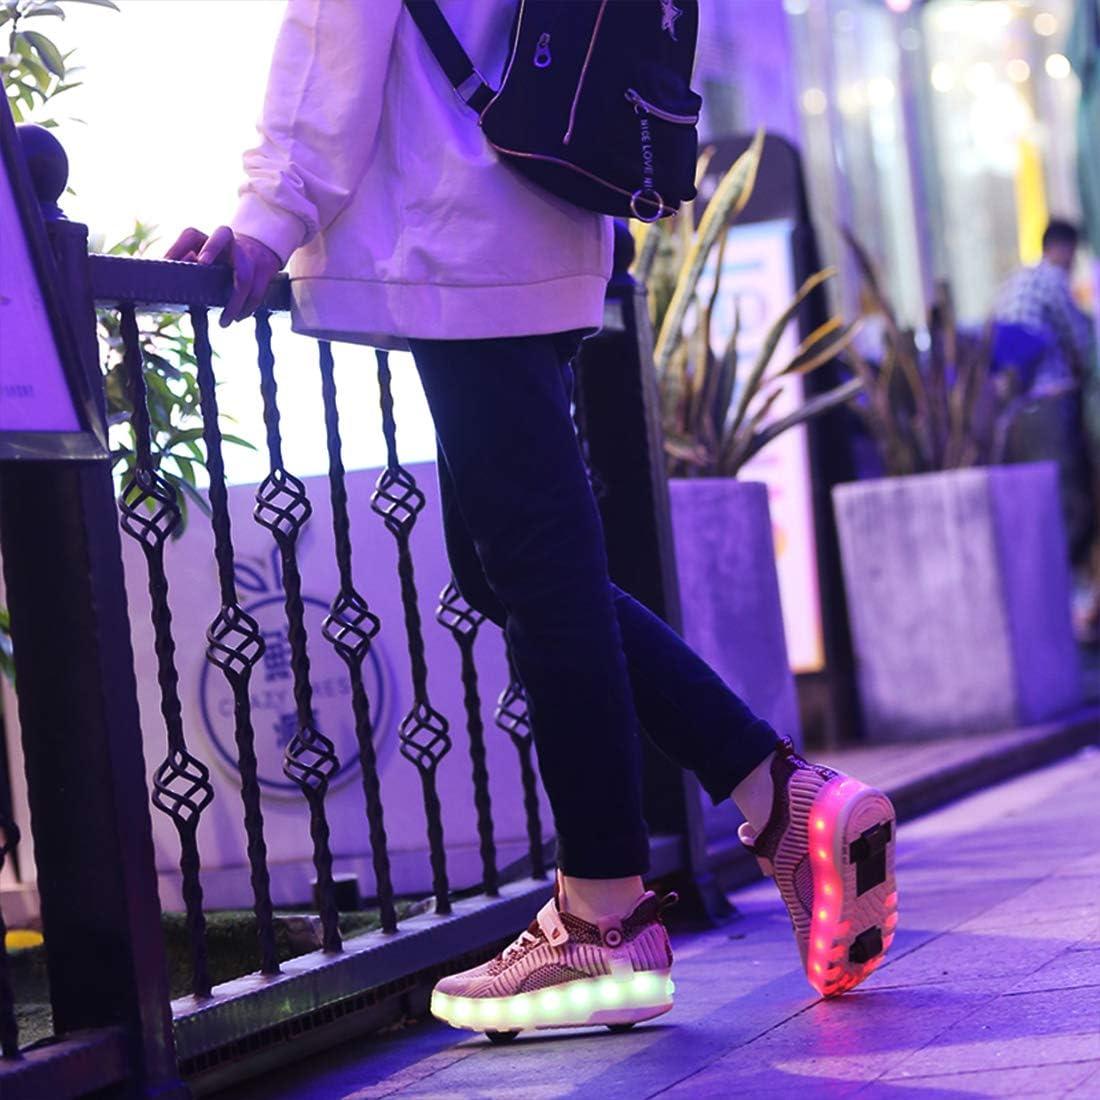 srder-USB Rechargeable Laufschuhe Sportschuhe Kinder Skateboard Schuhe Blinkschuhe Kinderschuhe mit Rollen LED Skate Rollen Schuhe Trainer Gymnastik Sneakers f/ür Junge M/ädchen Weihnachten Ostern